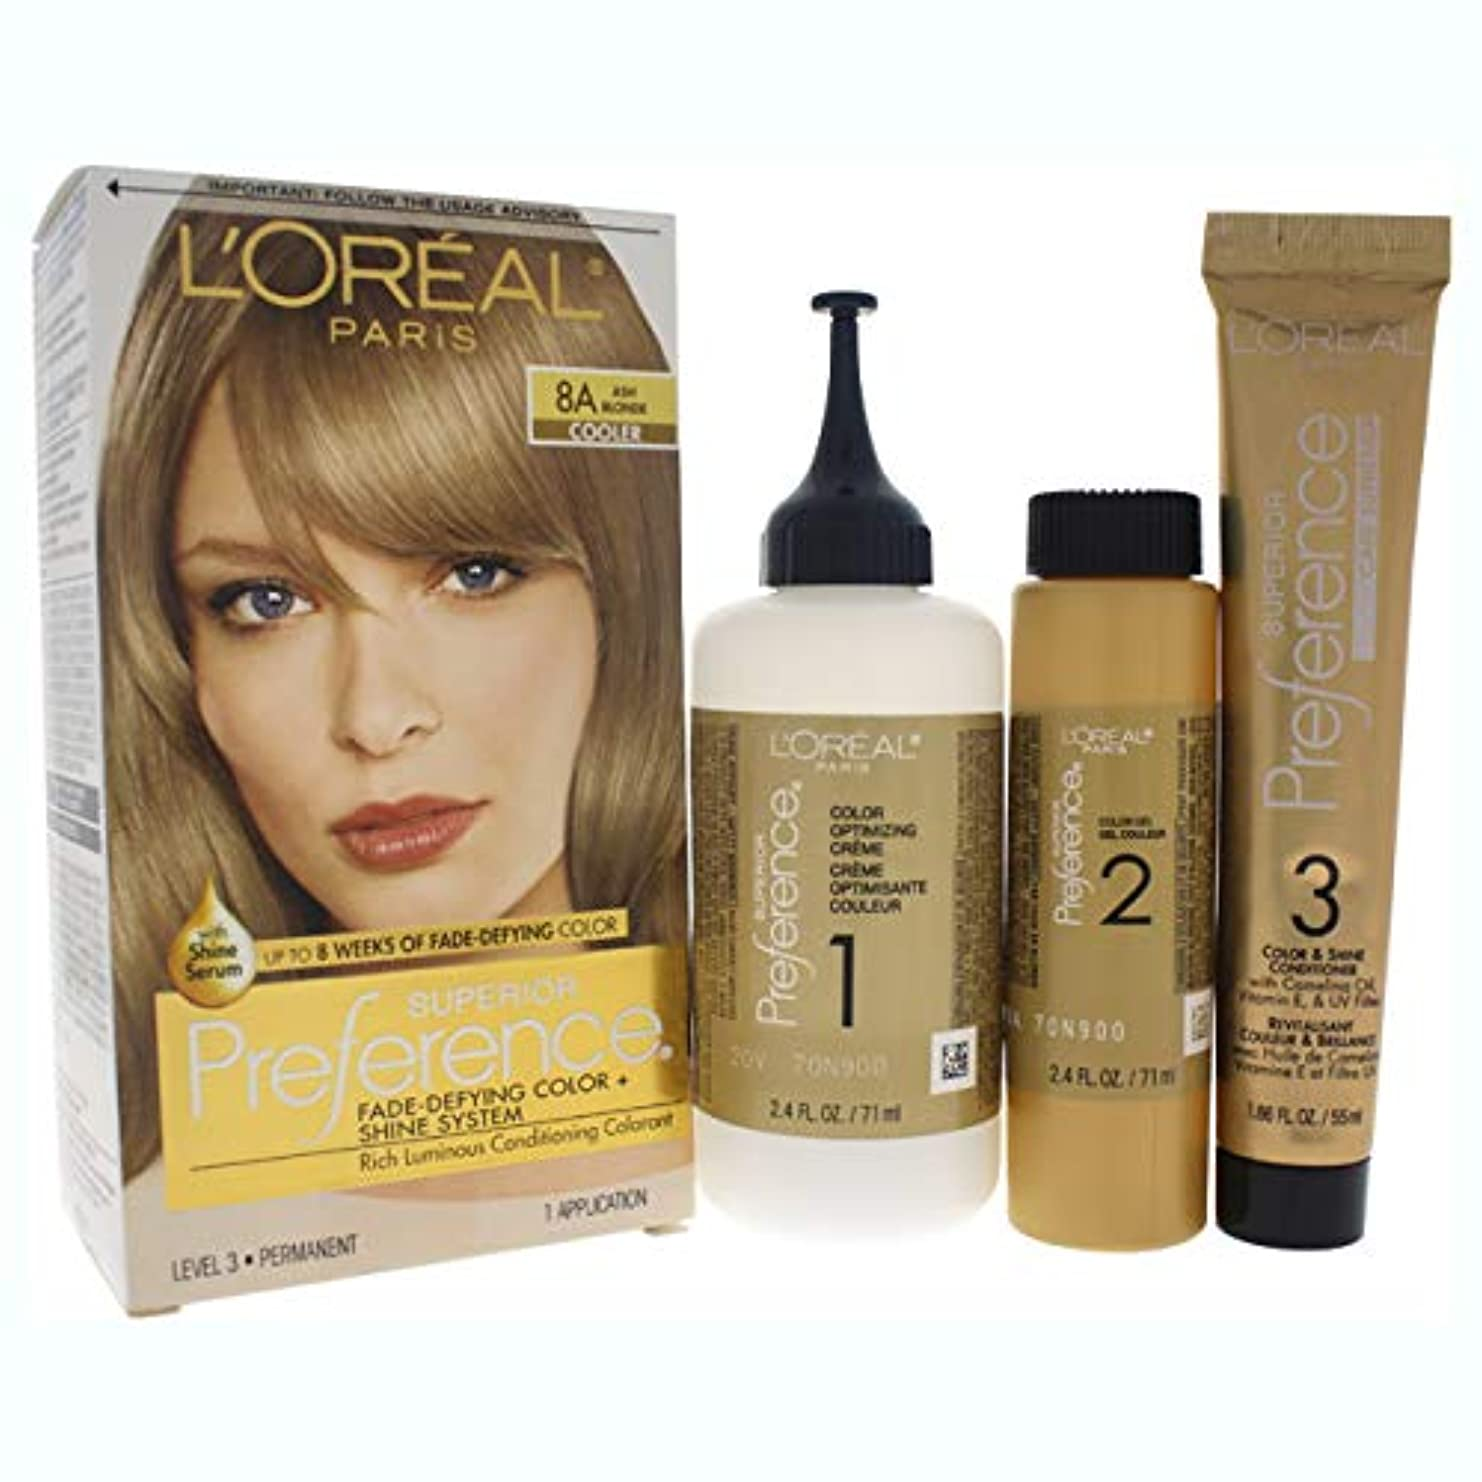 トライアスリート対応物語L'Oreal Paris 県Haircol 8Aサイズ1CTロレアルプリファレンスヘアカラーアッシュブロンド#8(a)